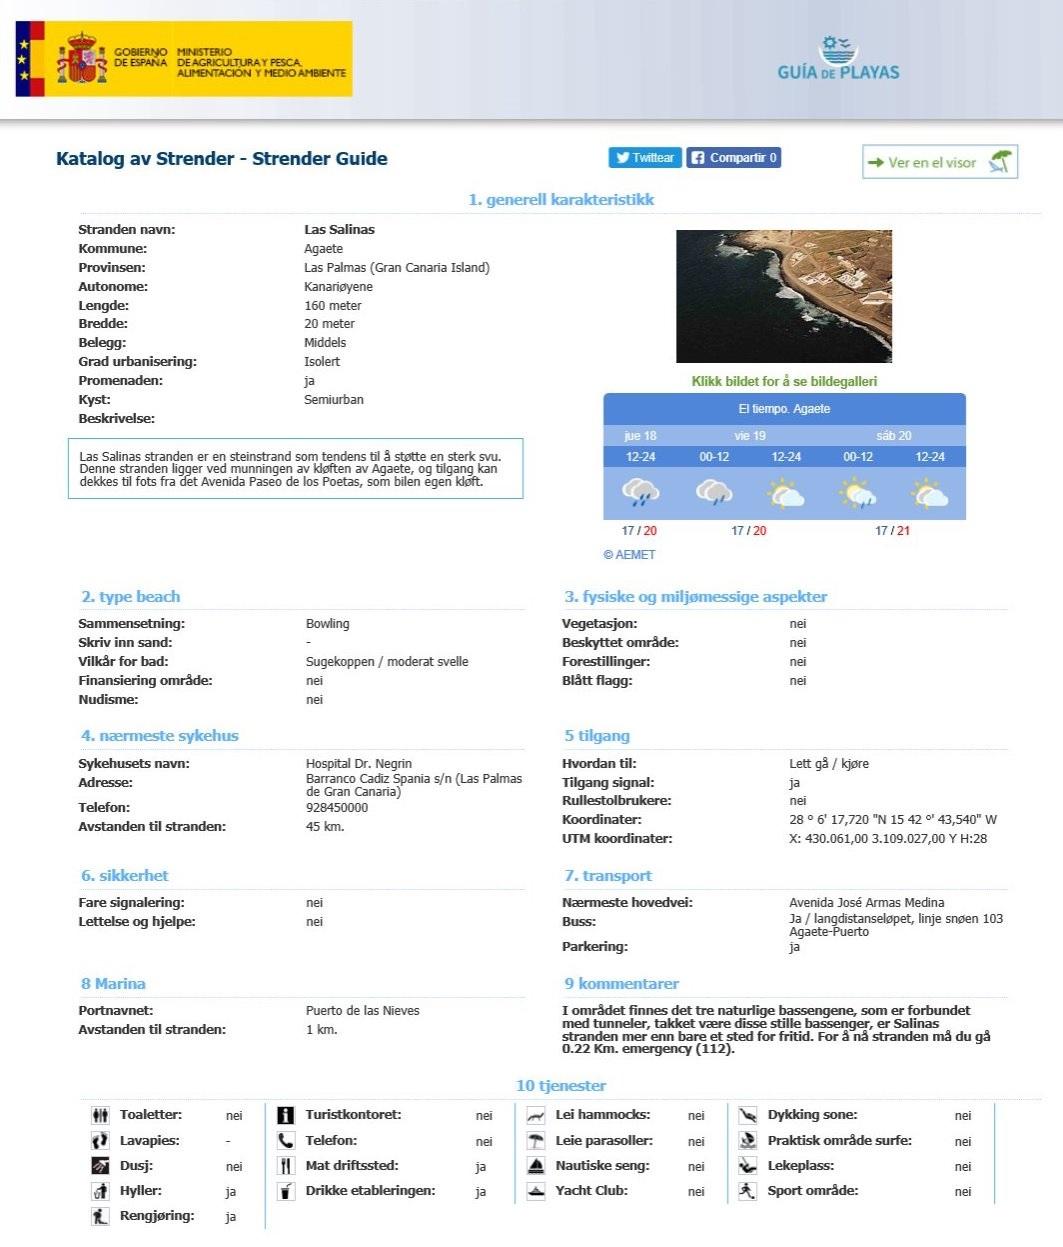 Miljøverndepartementets strandguide - theislandsinthesun.com naturiststrender